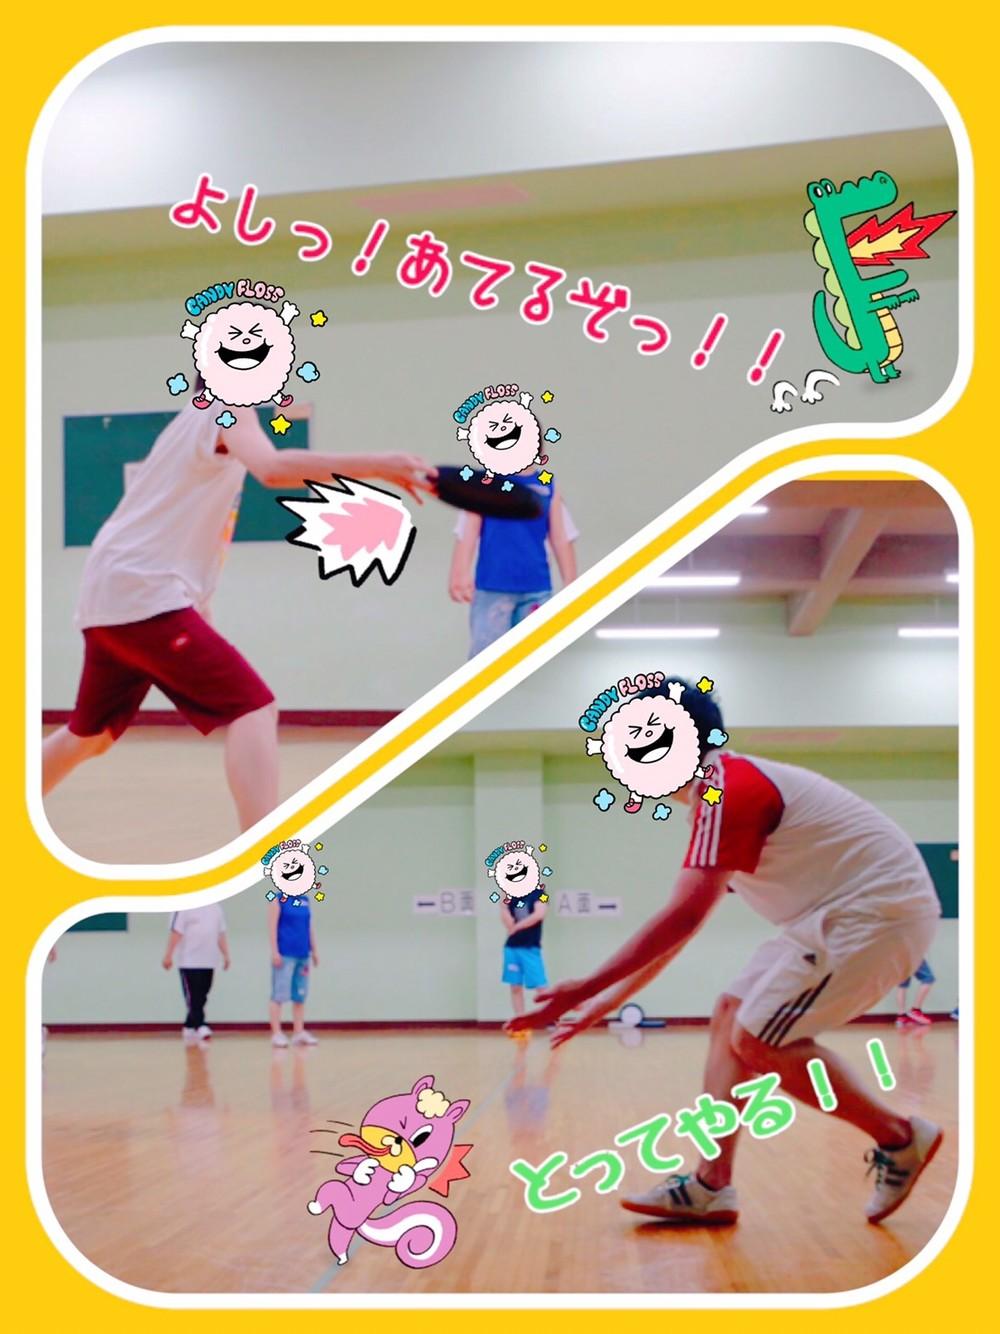 【コロナにより中止】ドッヂビー!!!…第44回